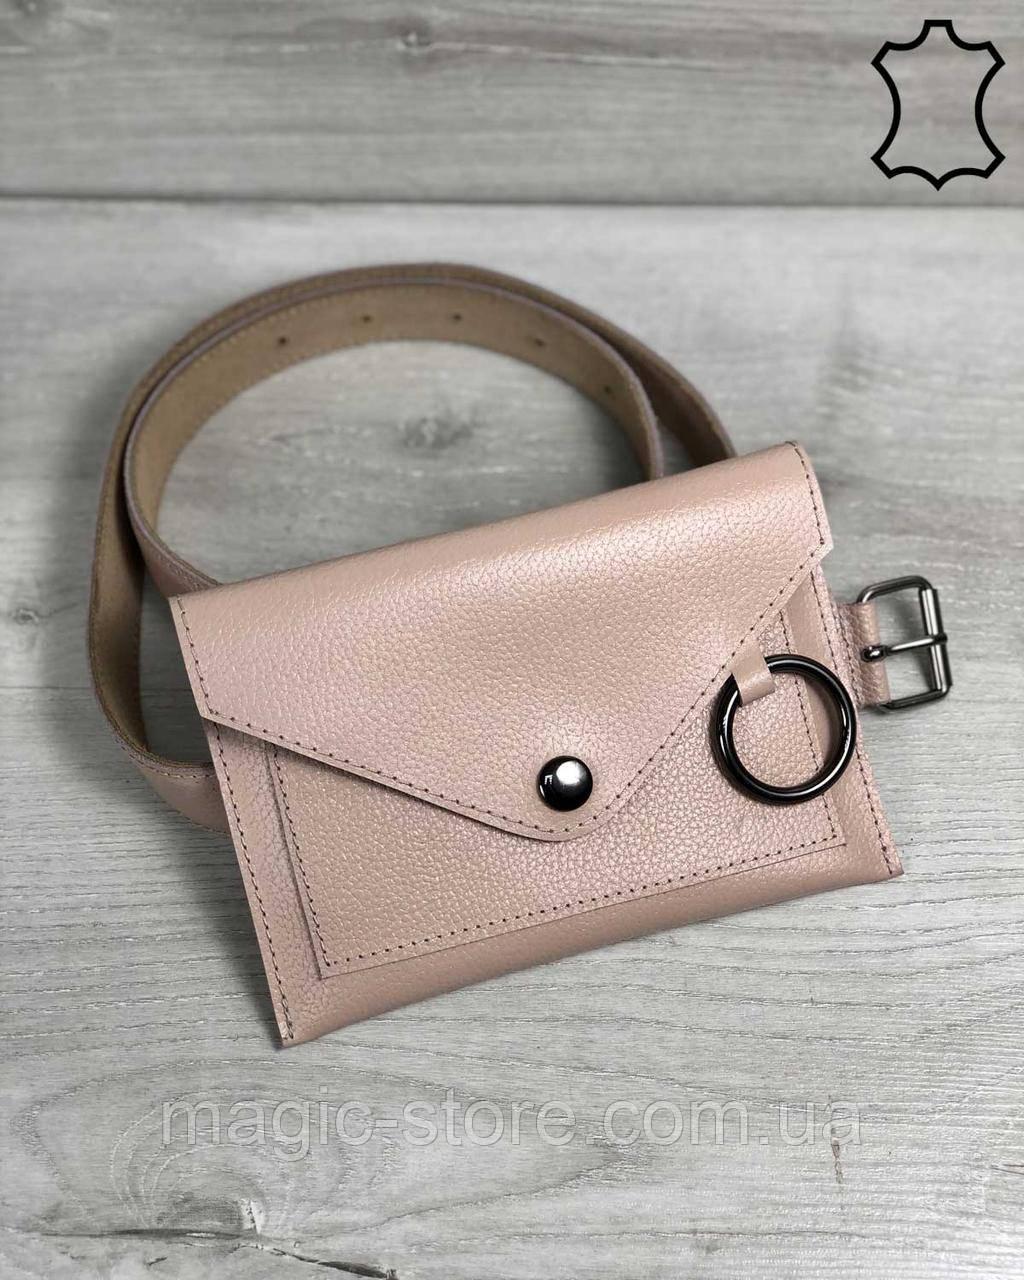 Кожаная женская сумка на пояс Moris пудрового цвета